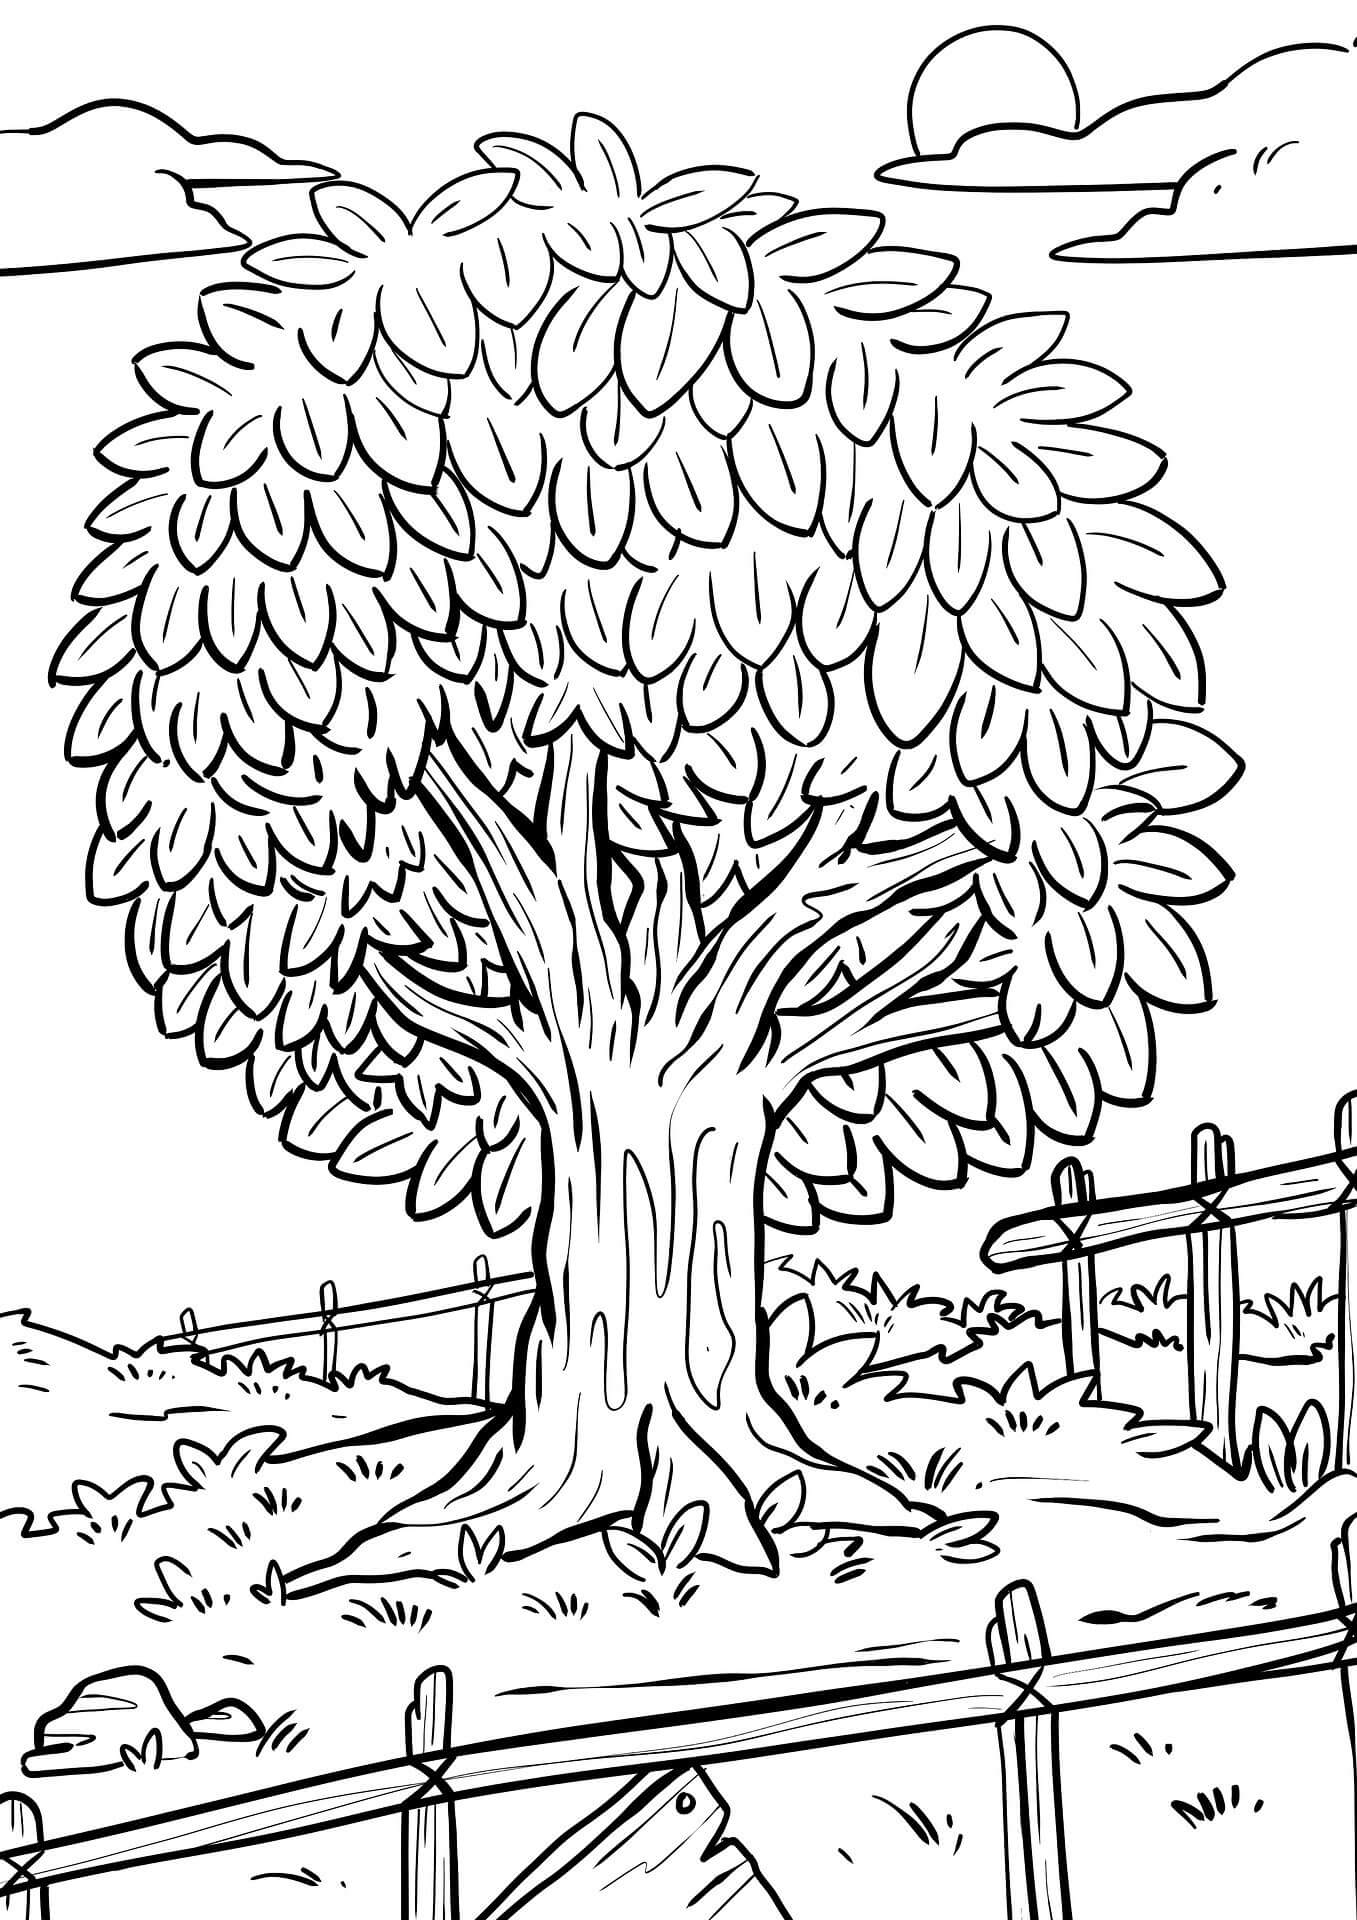 Sonbahar Mevsimi Boyama Sayfaları - Okul Öncesi Sonbahar Boyama Etkinlikleri